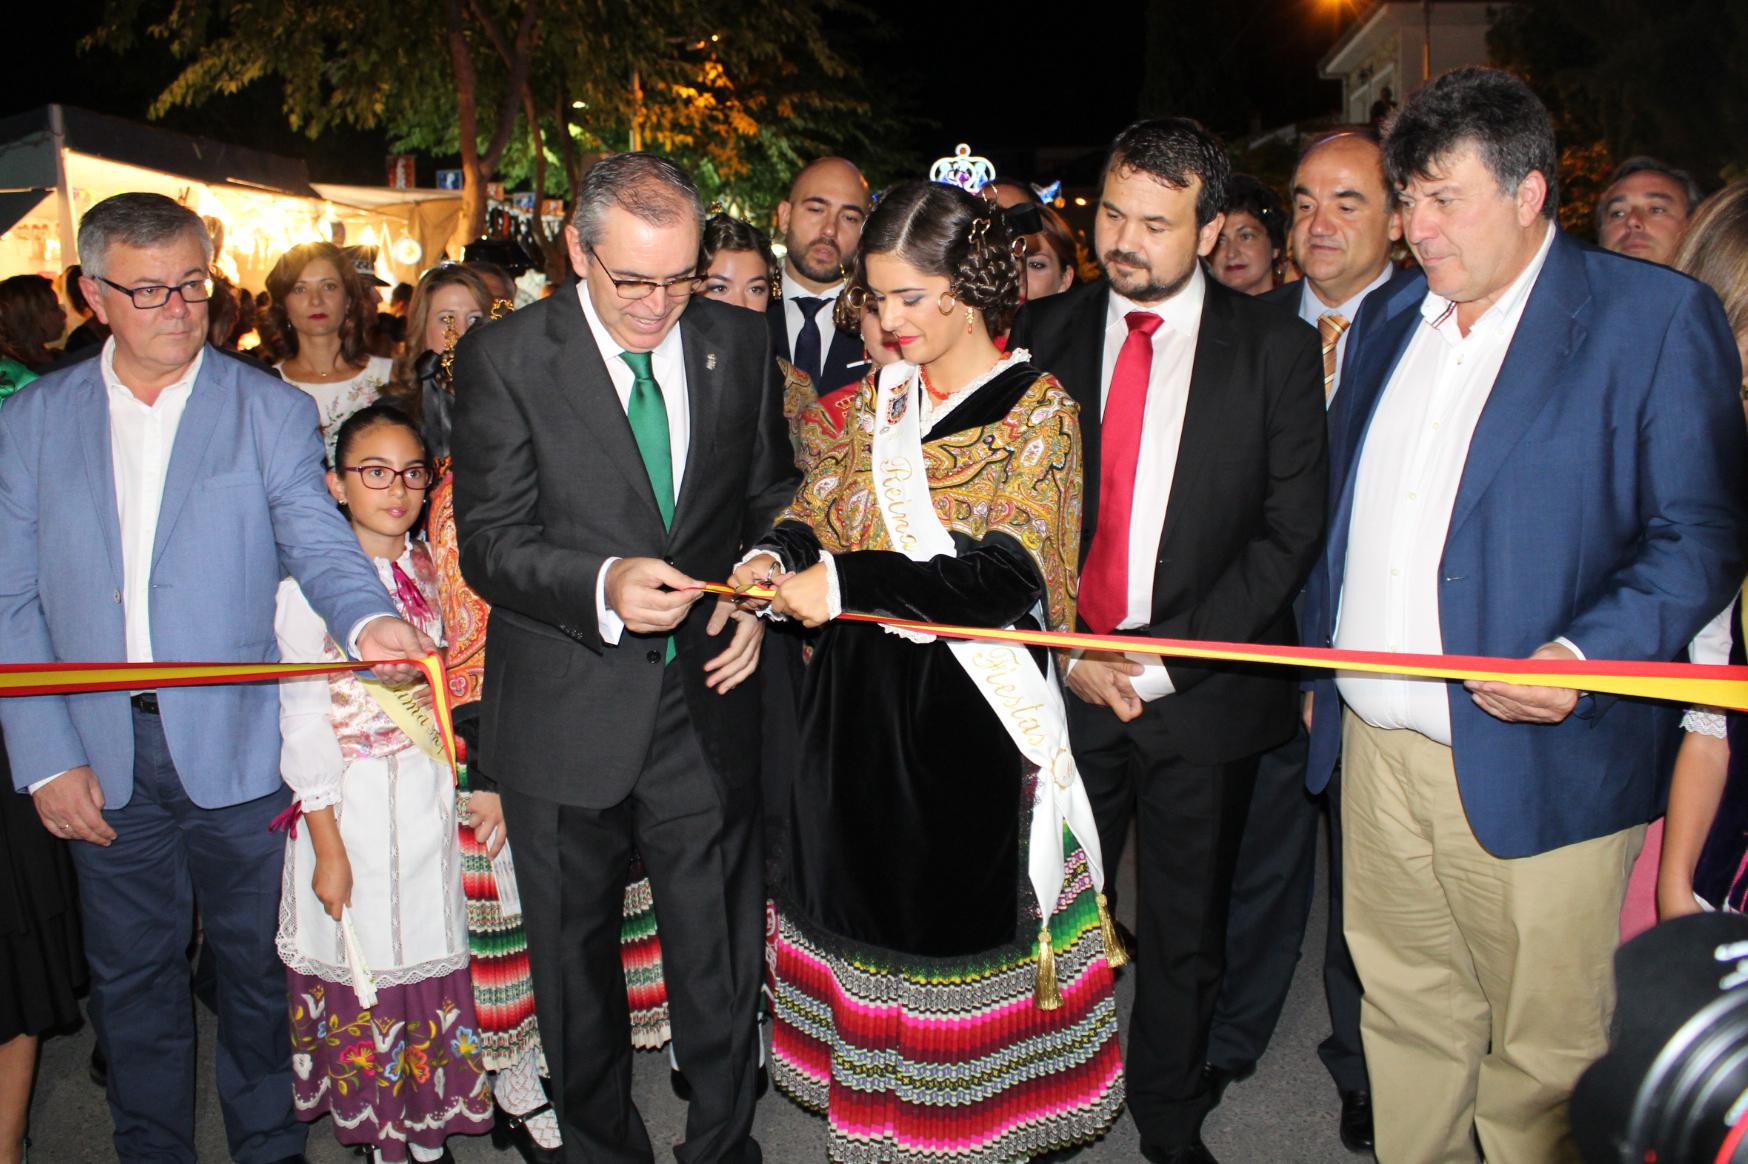 Intenso Fin De Semana Inaugural Para Las Fiestas Patronales De La Roda